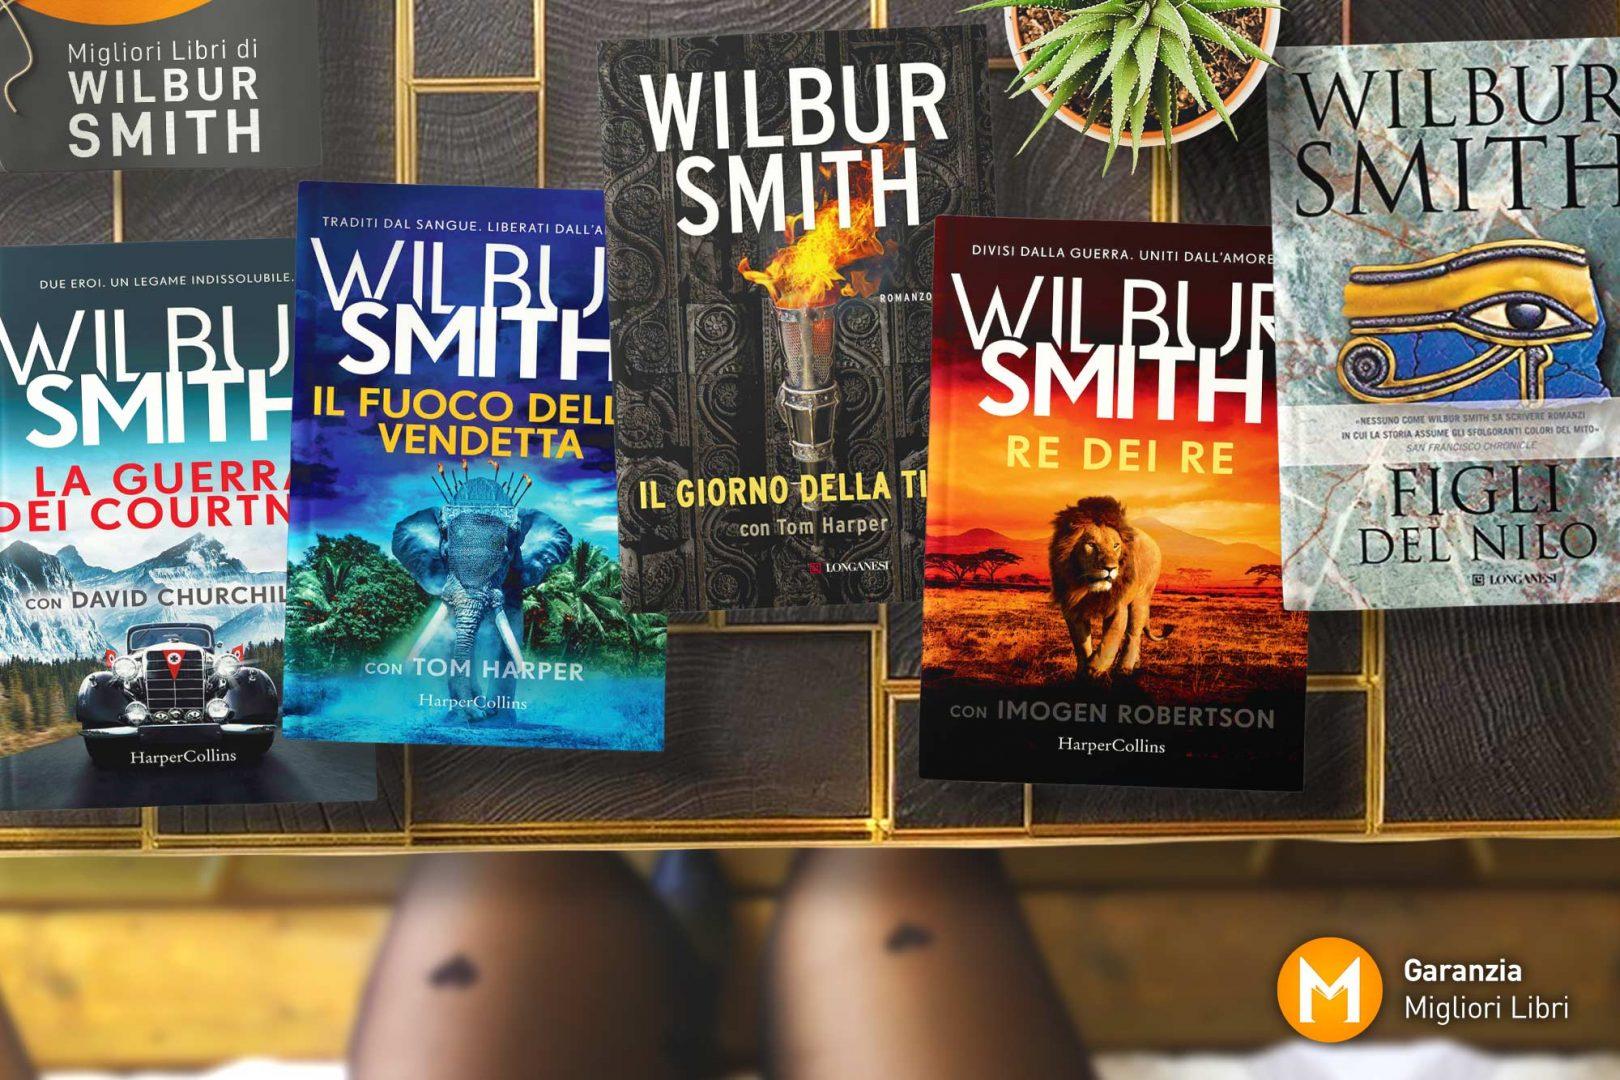 migliori-libri-wilbur-smith